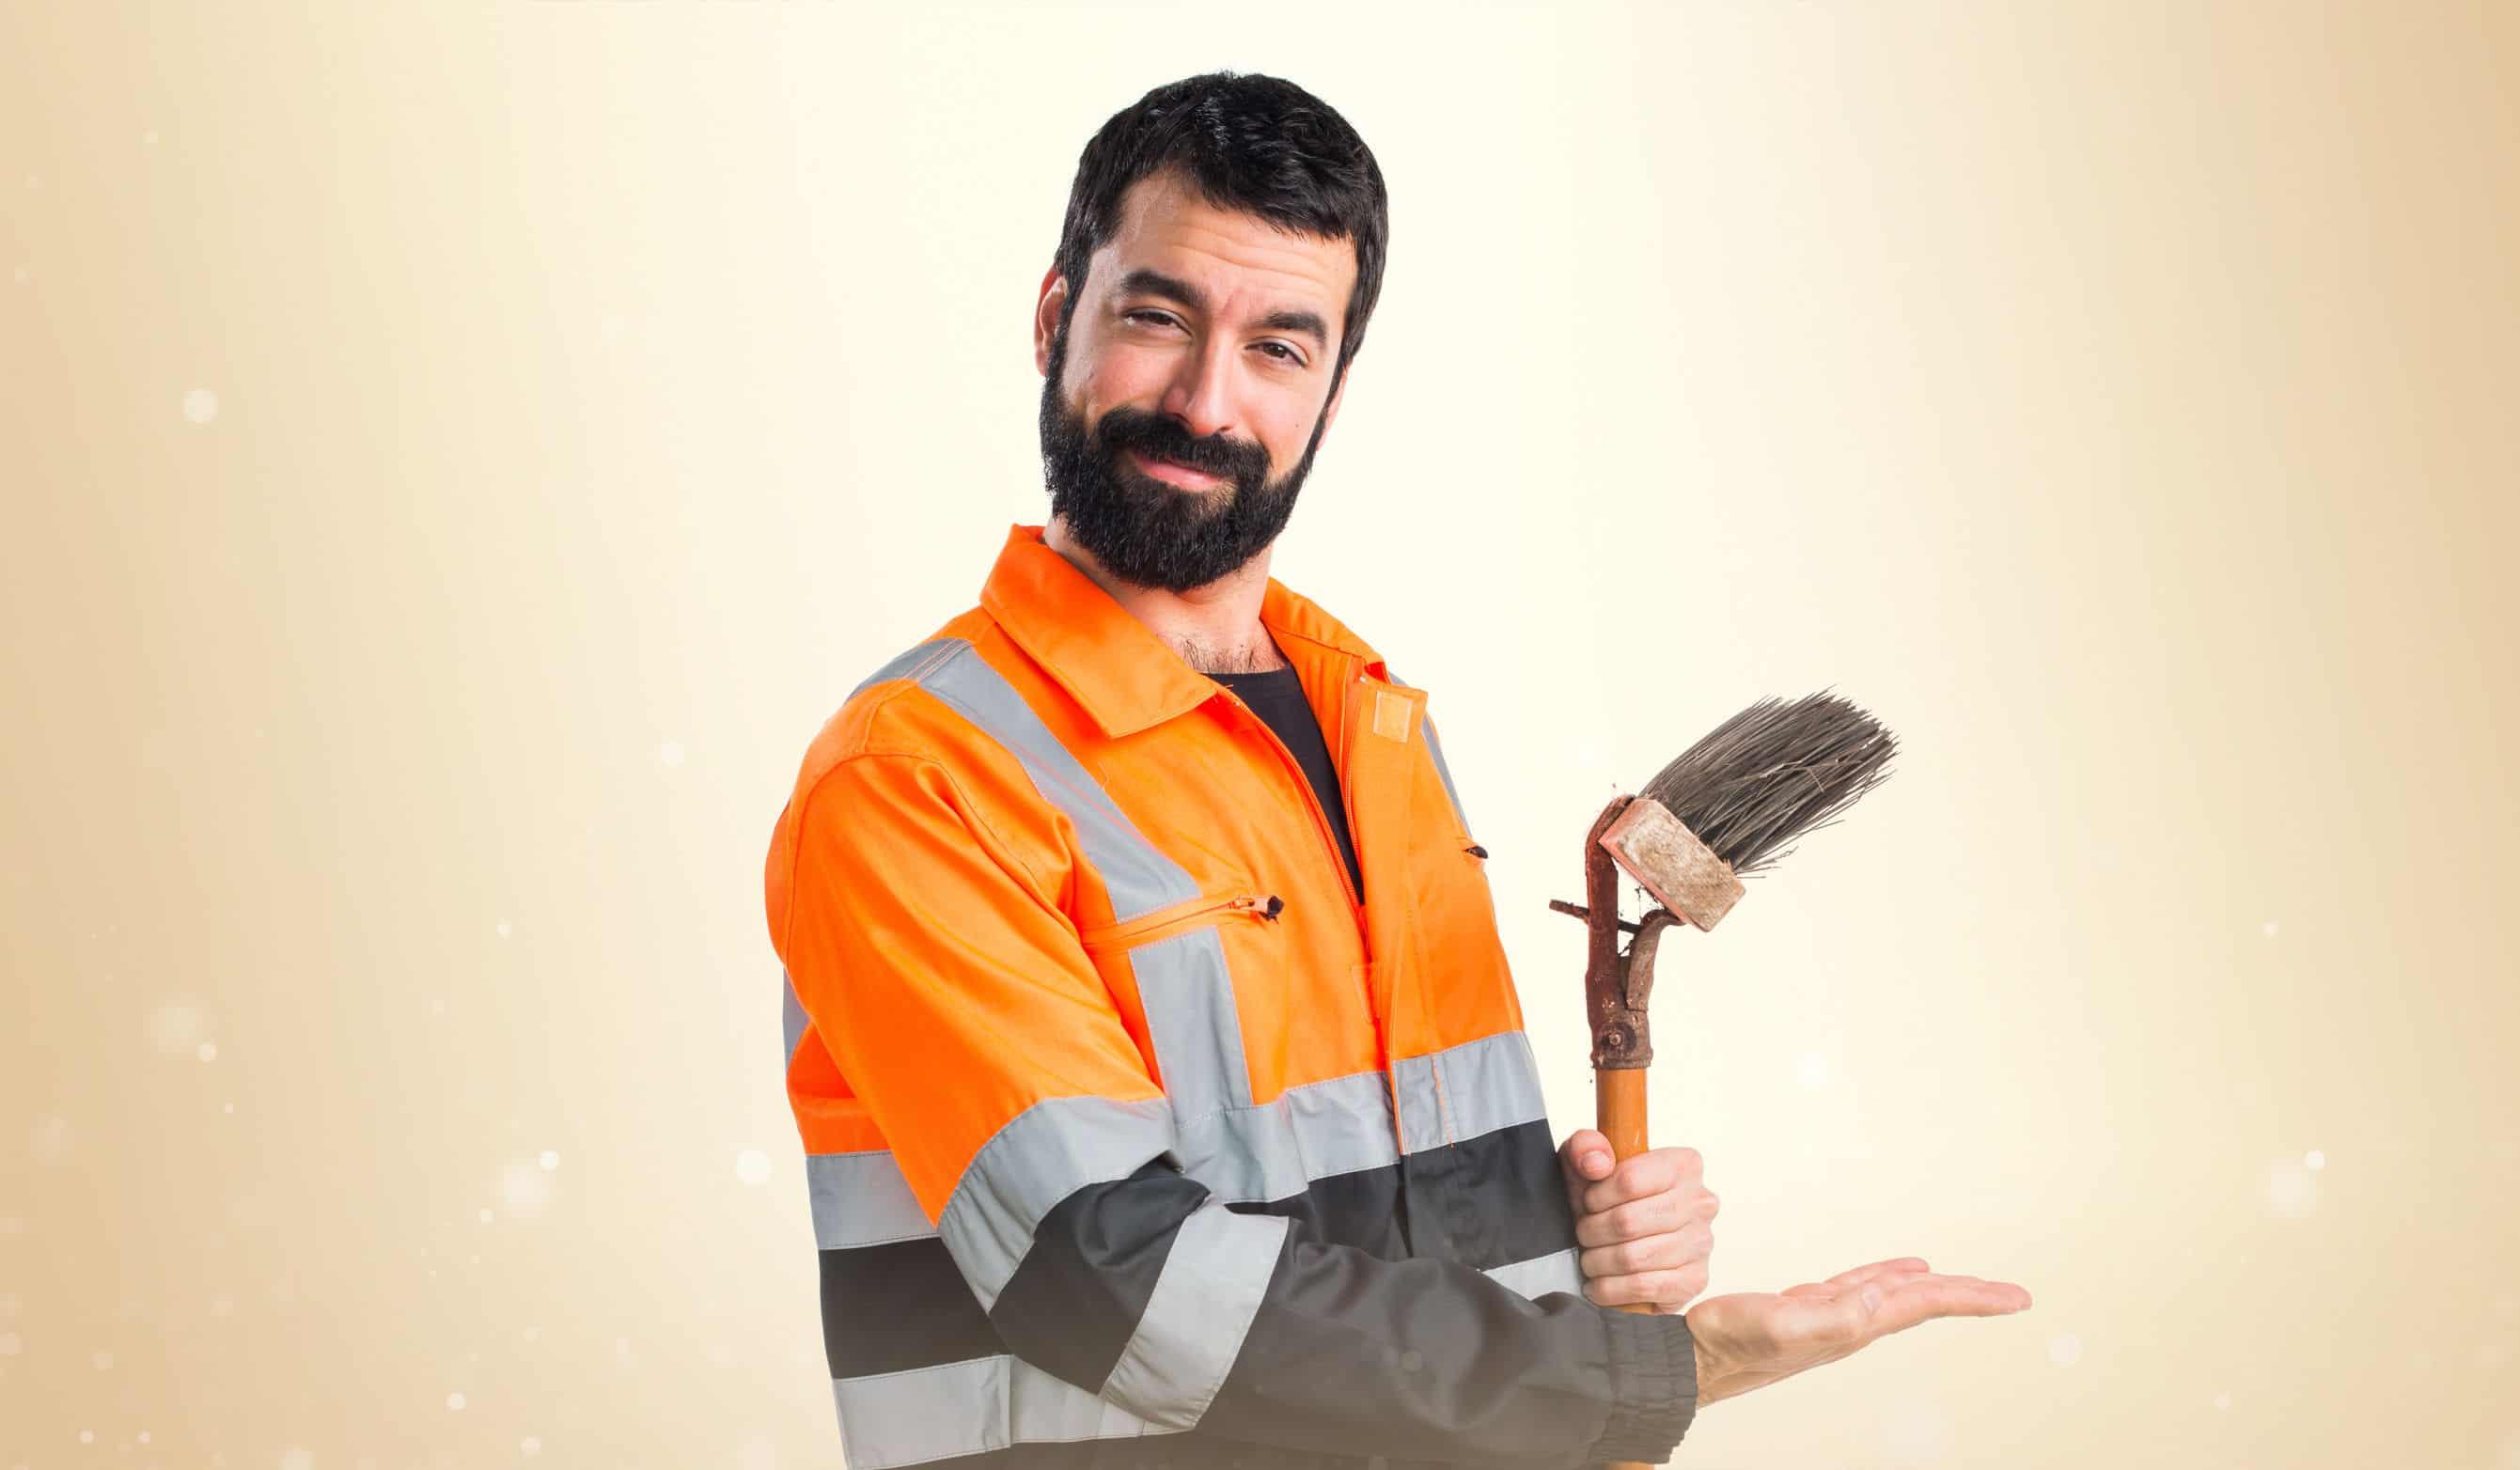 Garbage man presenting something